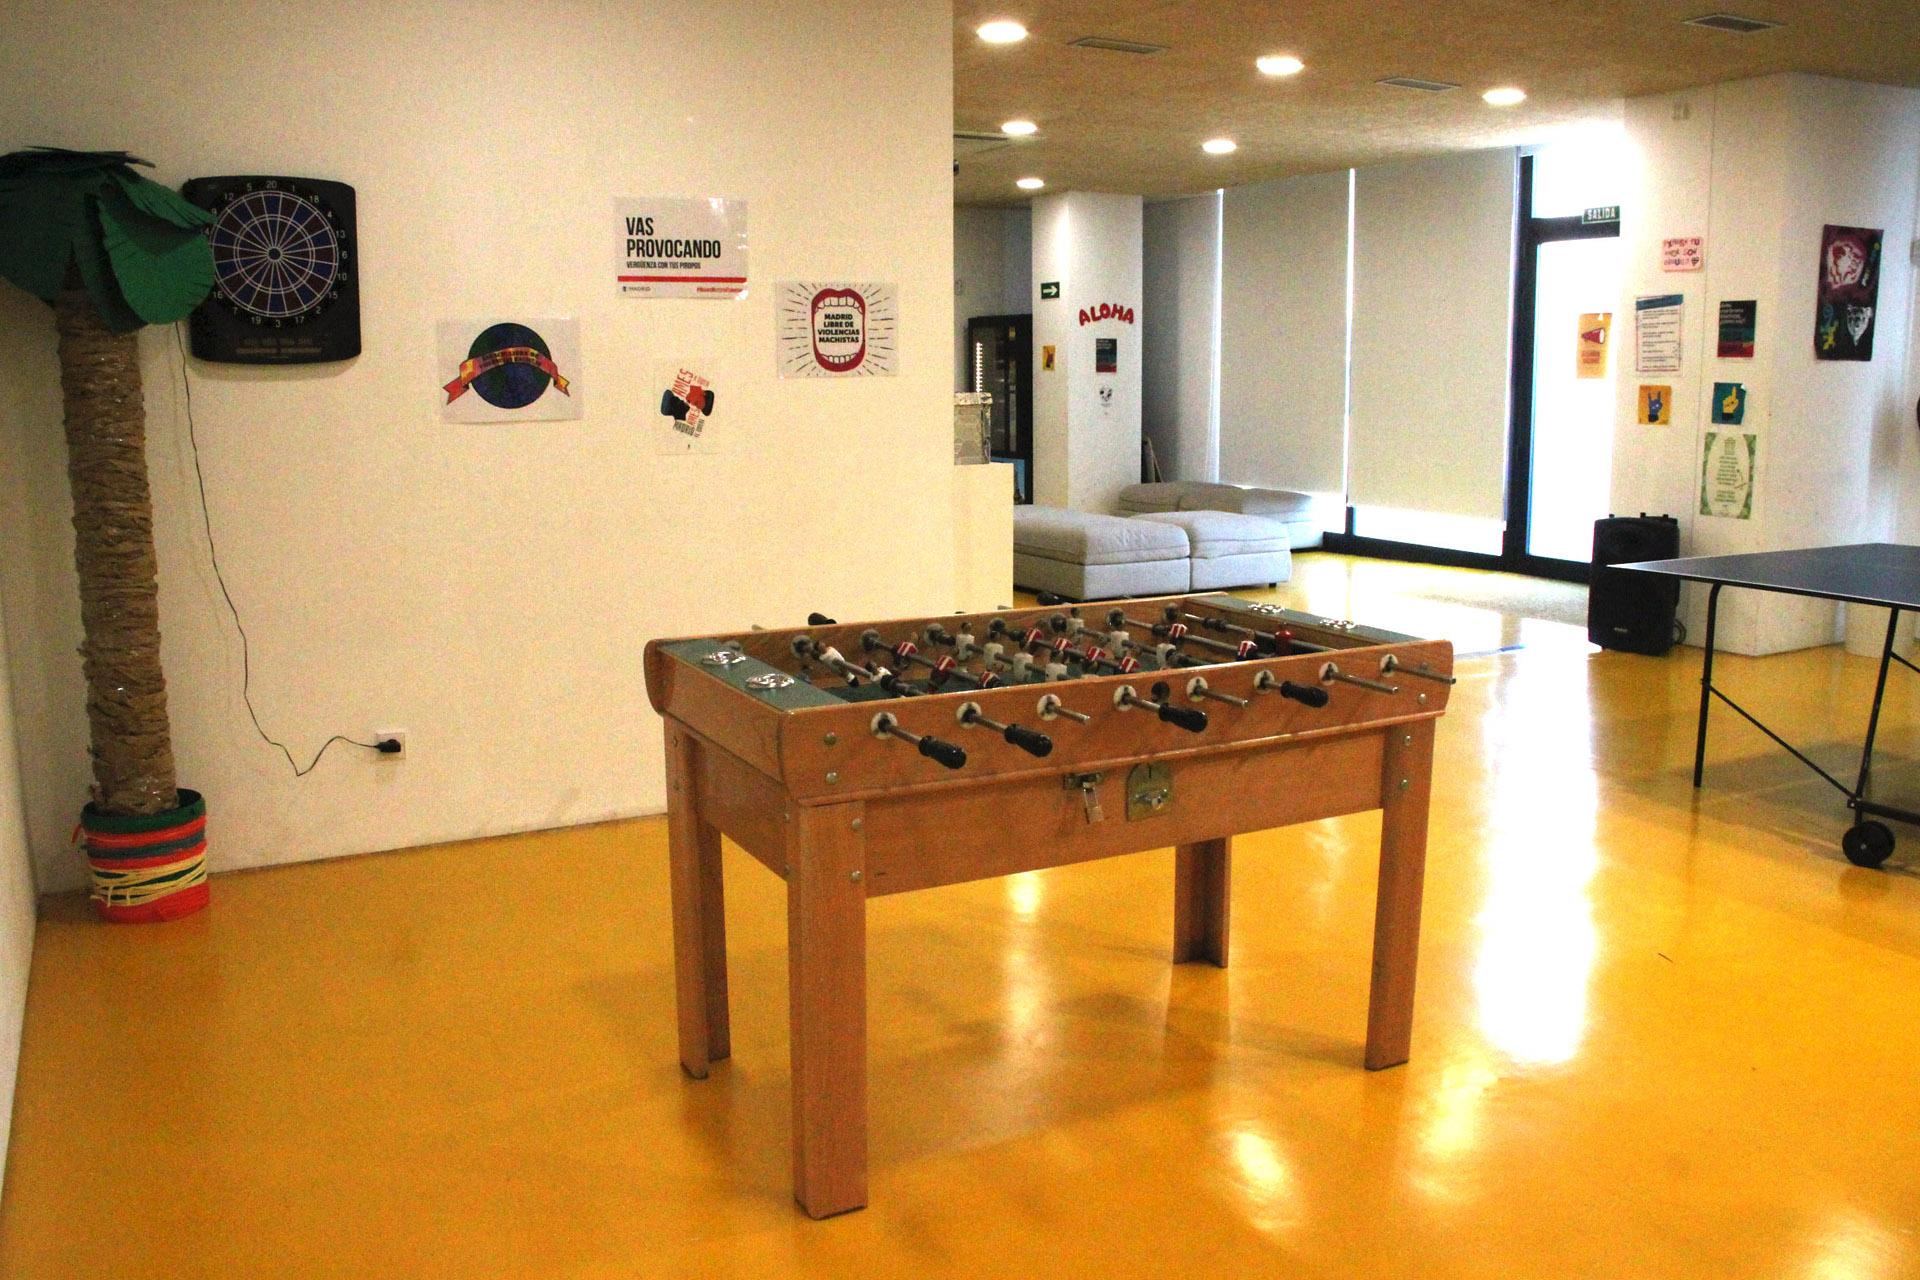 Espacio Joven San Blas ocio saludable frente a las adicciones